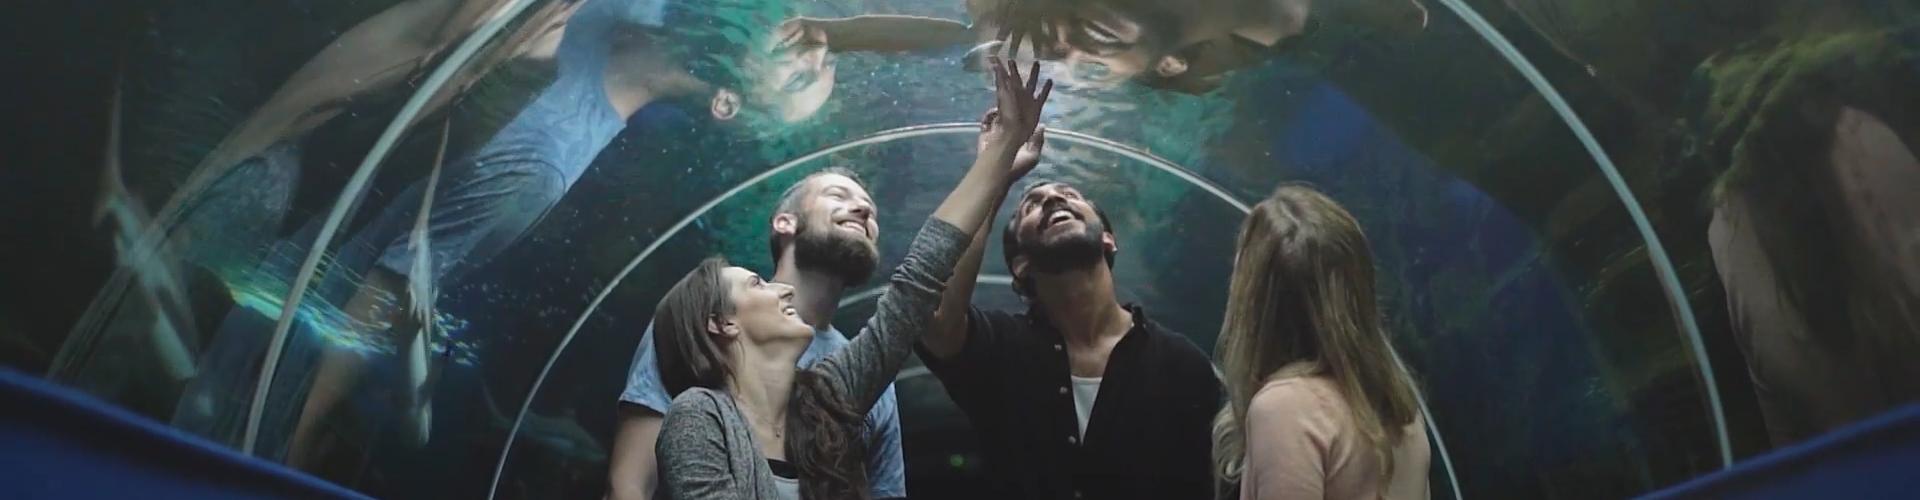 BOURNEMOUTH 'SENSES' - INTERACTIVE VIDEO CAMPAIGN